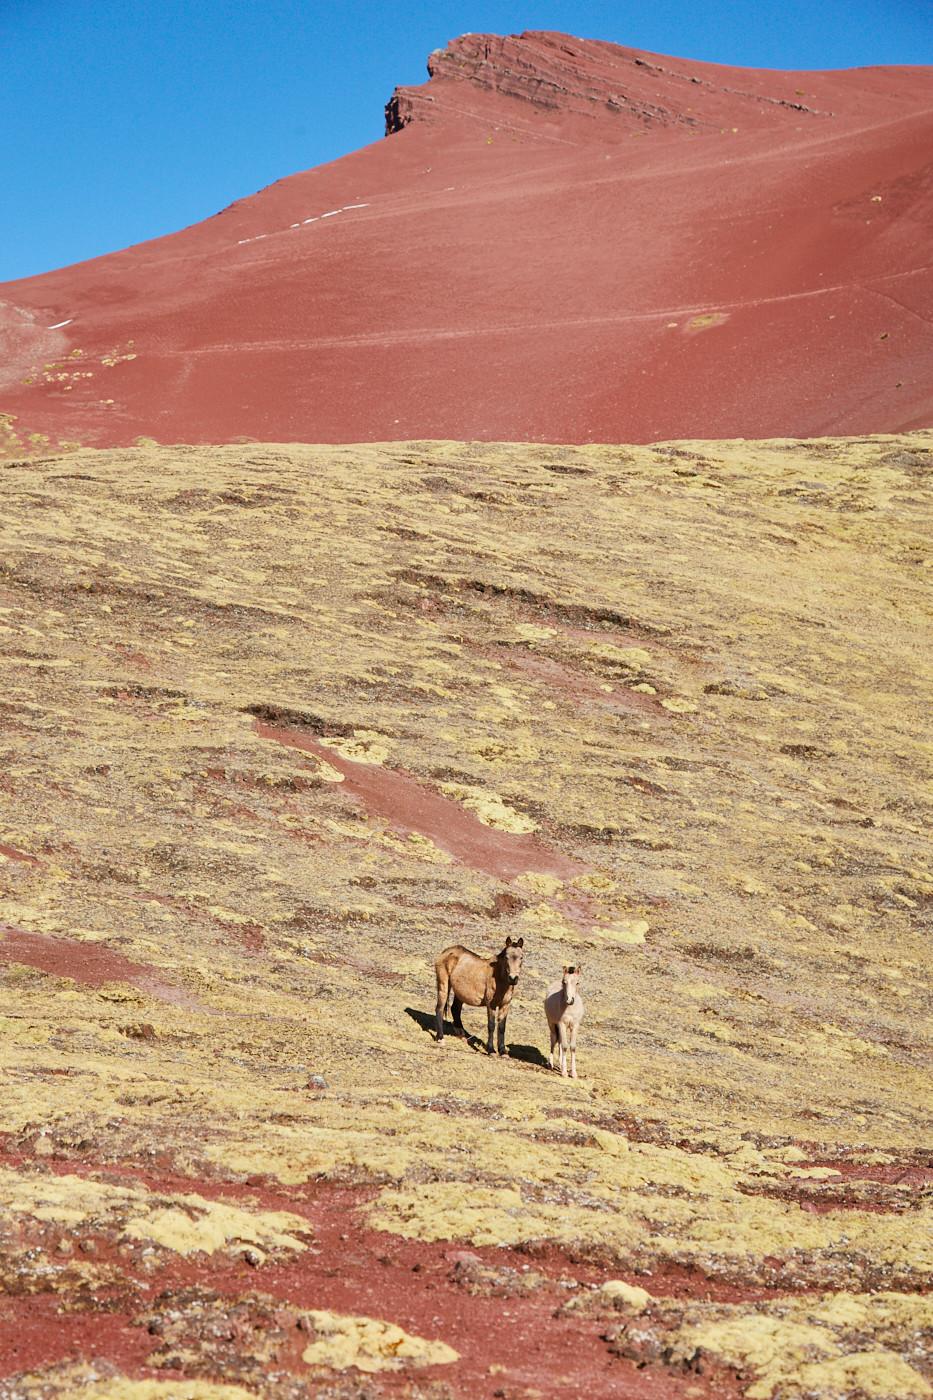 Wilde Pferde beobachteten uns auf unserer Wanderung. Andere Touristen haben wir erst ganz zum Schluss gesehen - die meiste Zeit waren wir vollkommen alleine mit unserem Guide